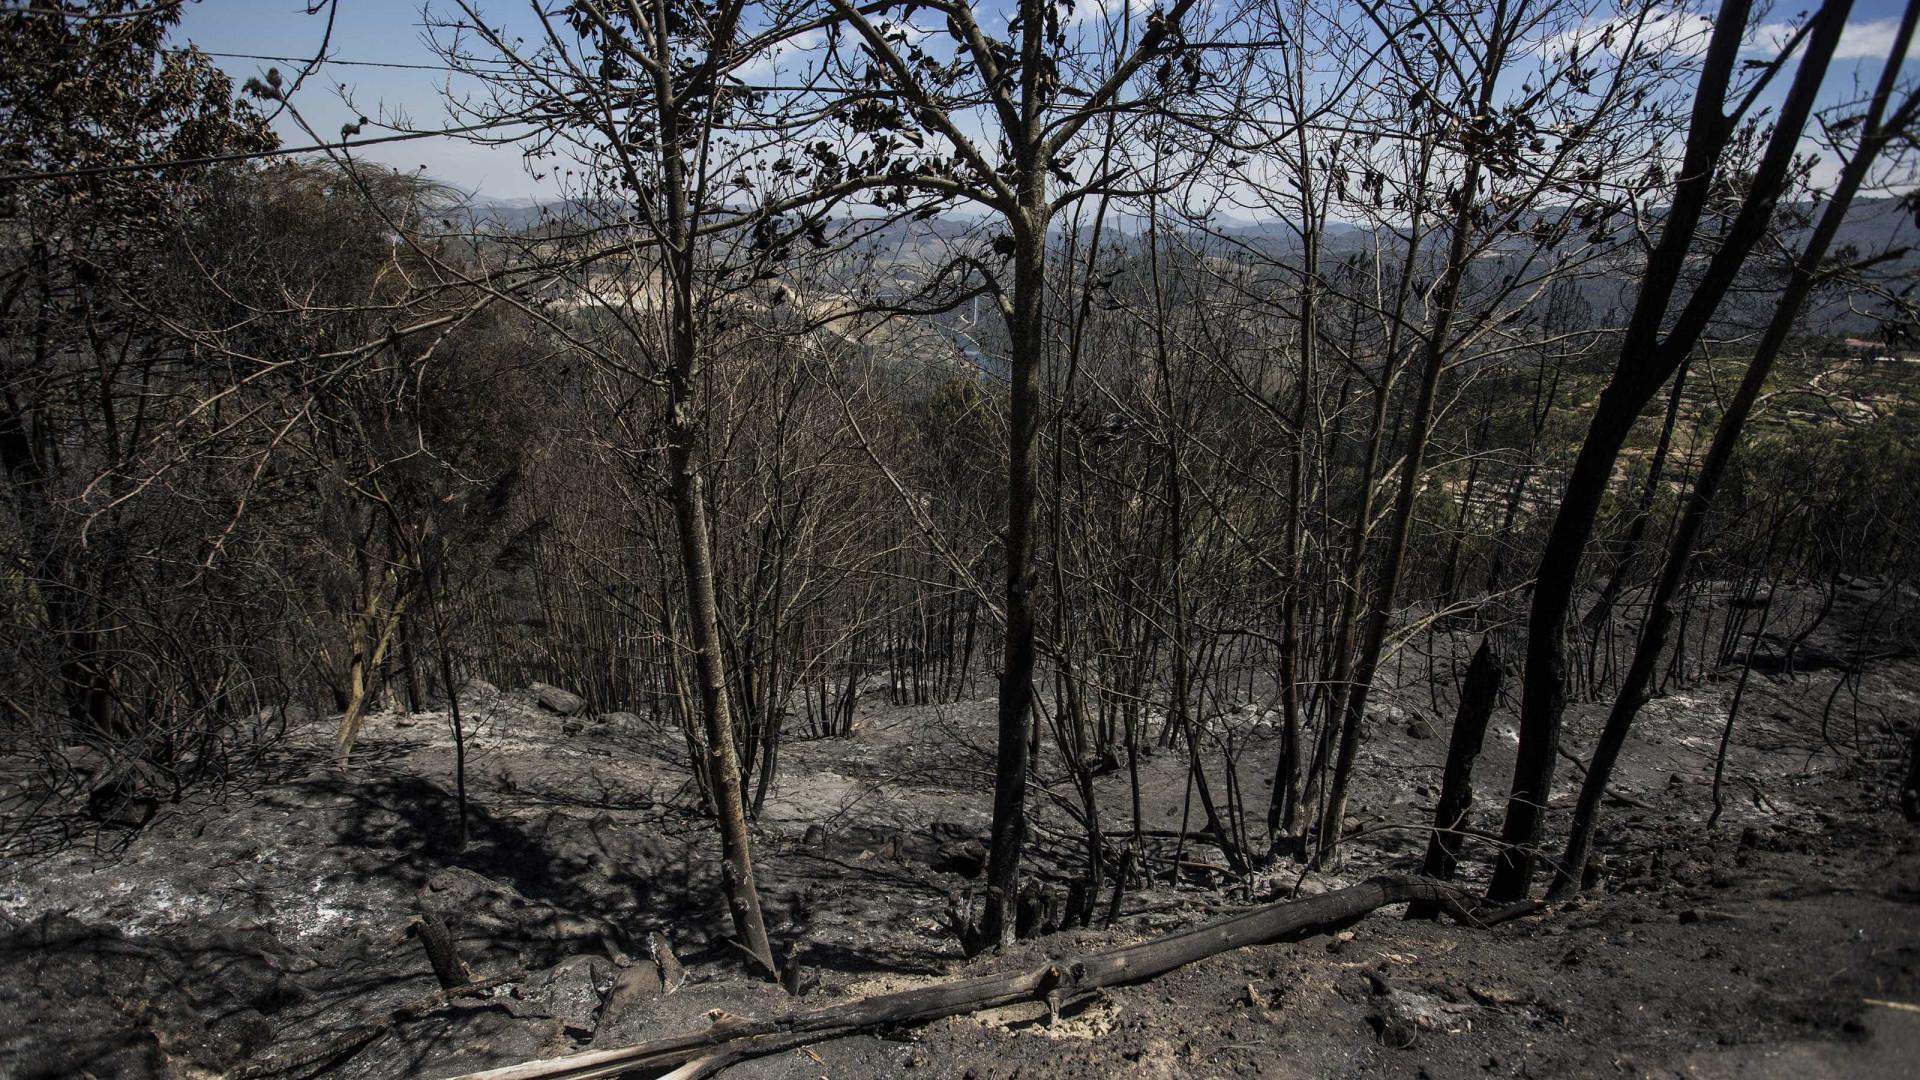 Fogo em Quiaios, Figueira da Foz, em fase de resolução às 17:45